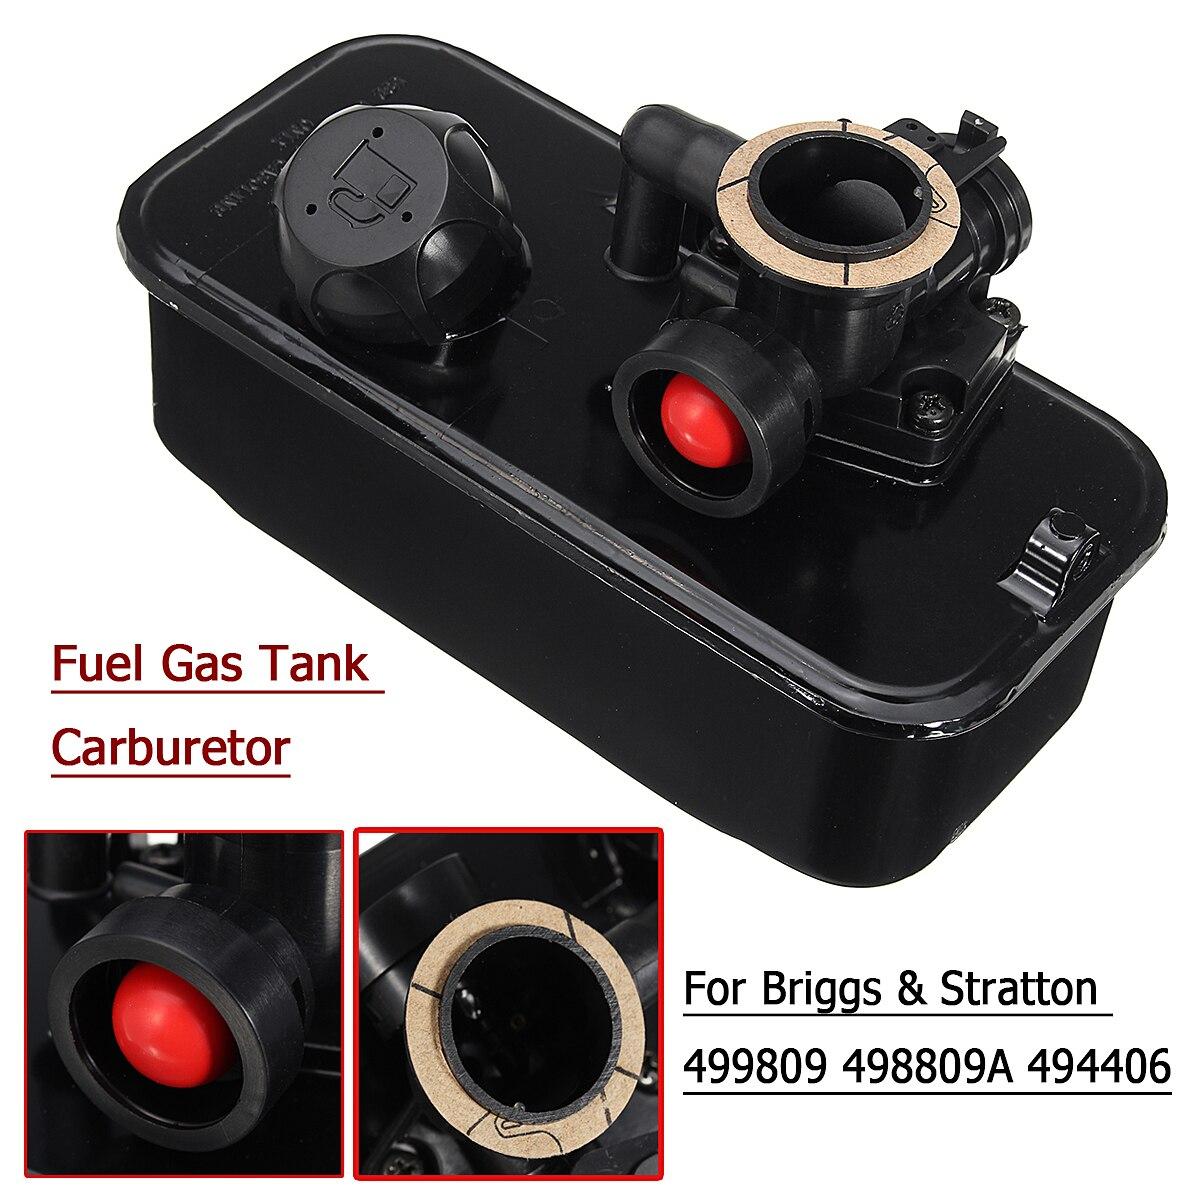 Fuel Tank Mäher Vergaser Carb für Briggs & Stratton 499809 498809A 494406